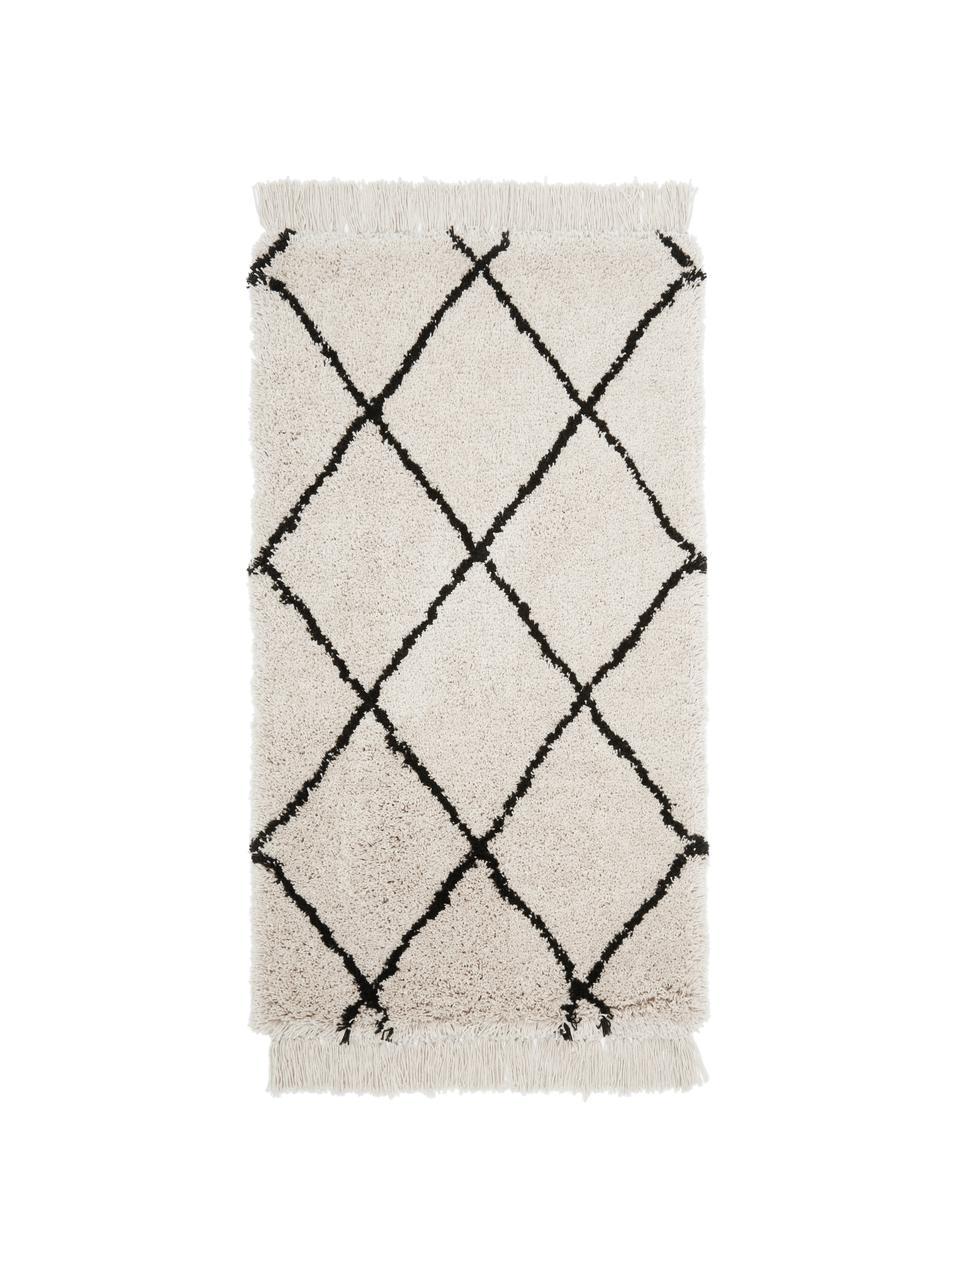 Tappeto taftato a mano con frange Naima, Retro: cotone, Beige, nero, Larg. 200 x Lung. 300 cm (taglia L)